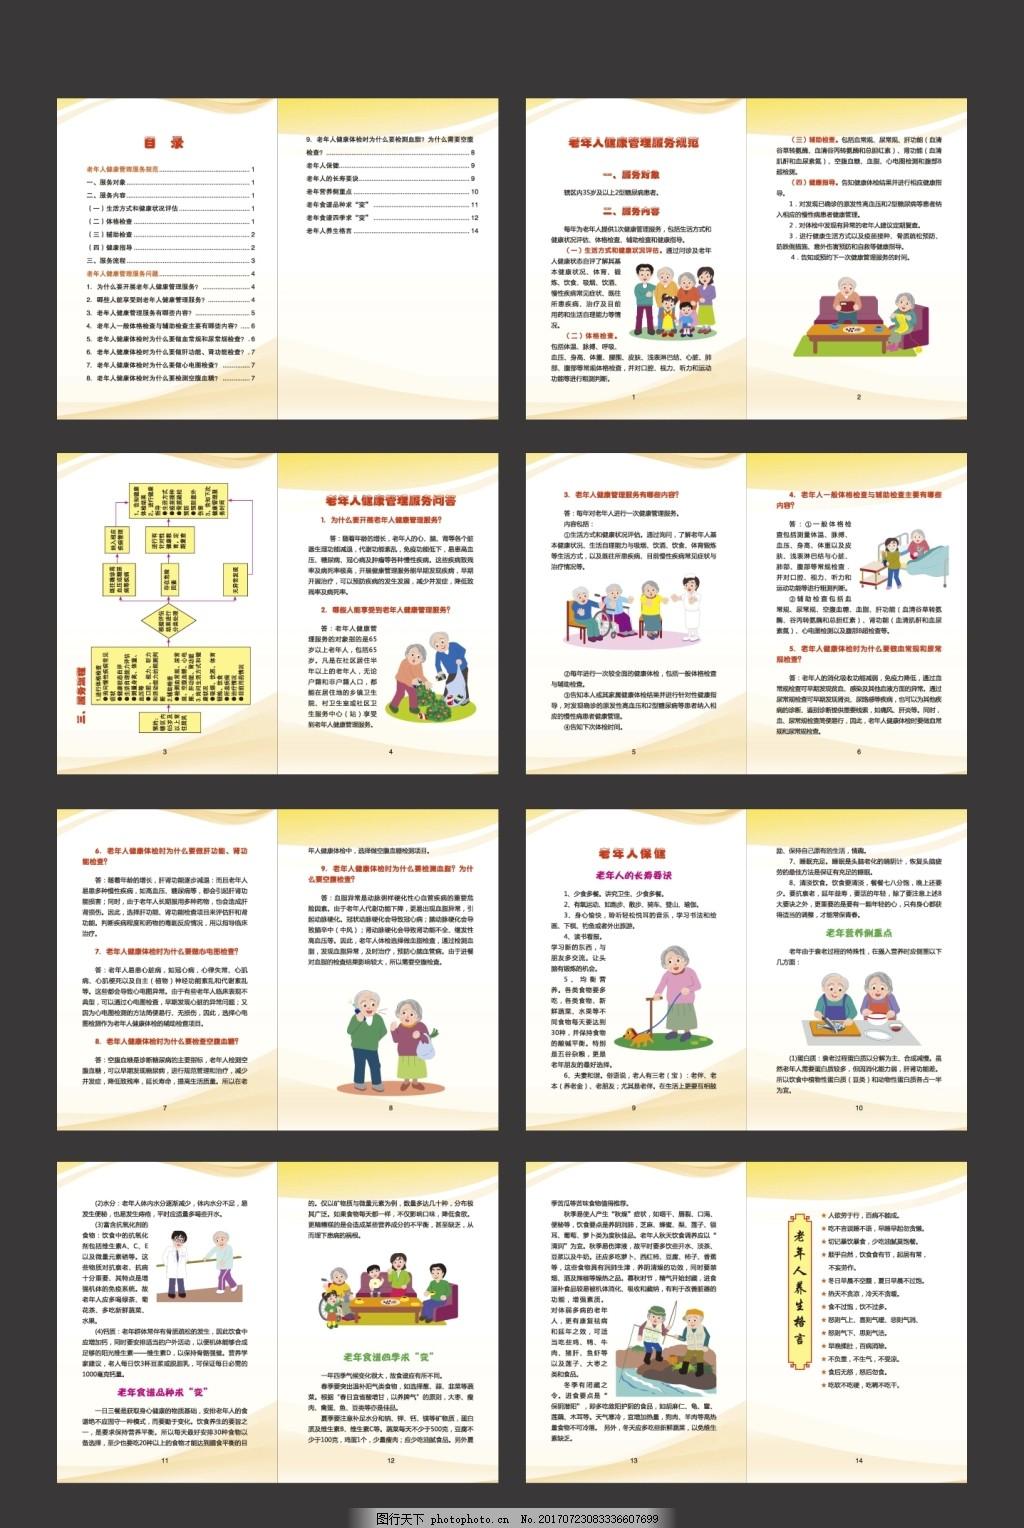 老年人健康手册画册模板设计 老年人疾病预防 老年人健康宣传册